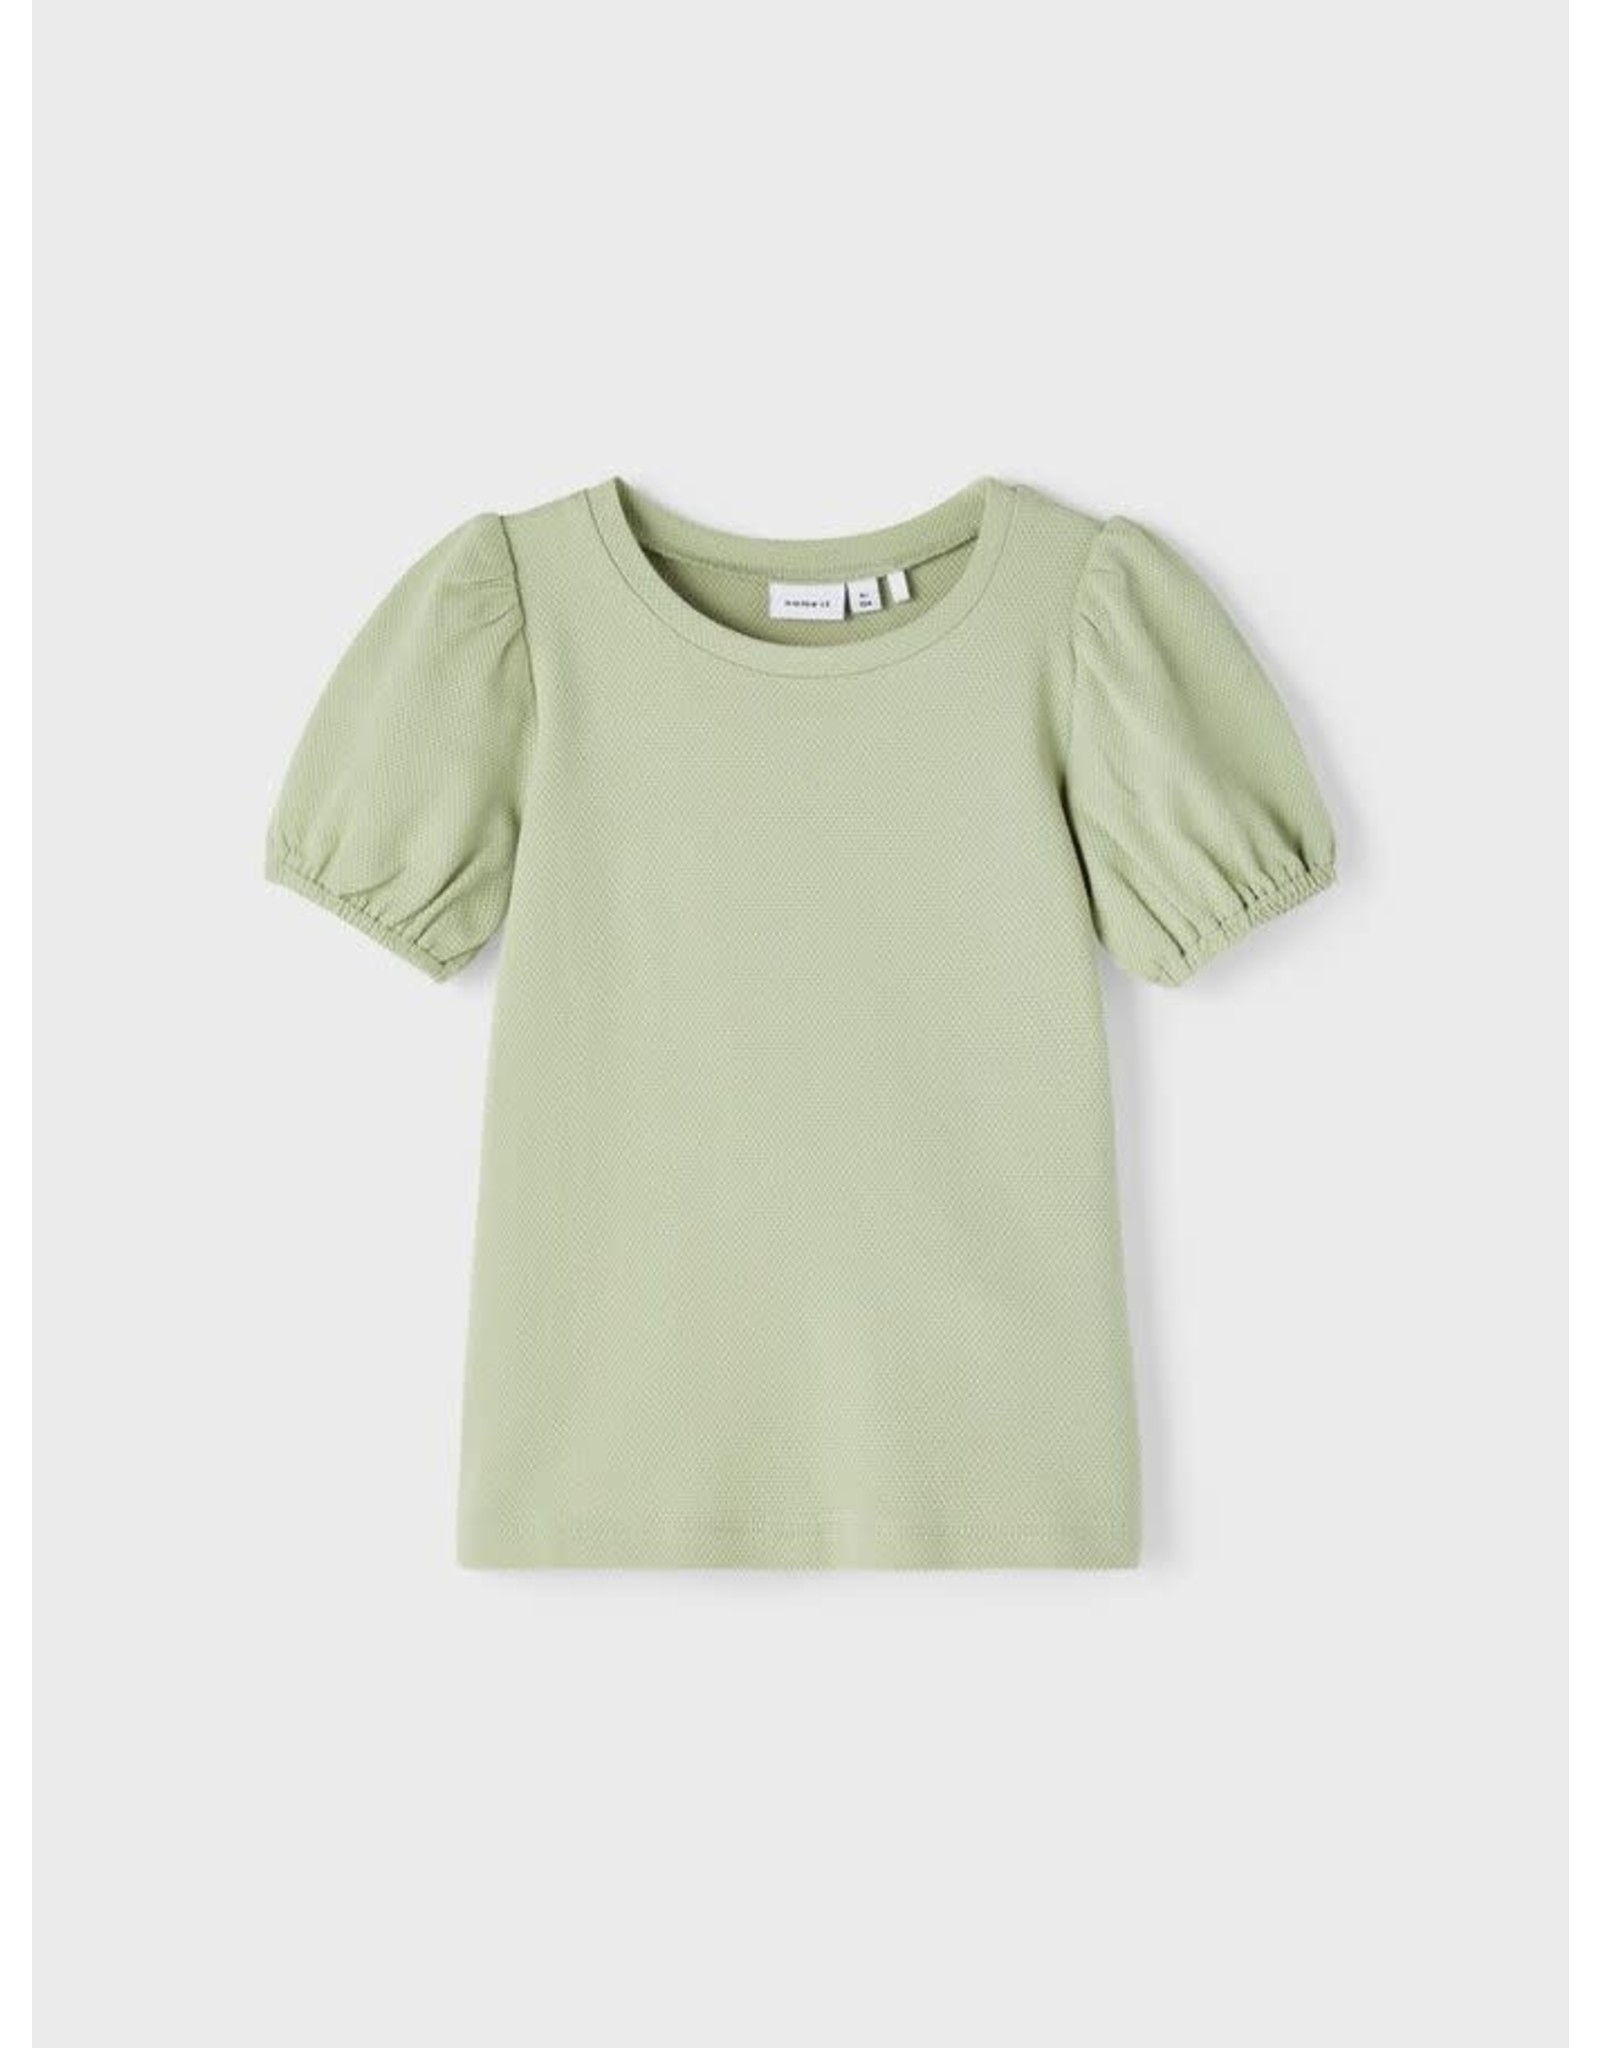 Name It Zacht groene t-shirt met pofmouwen